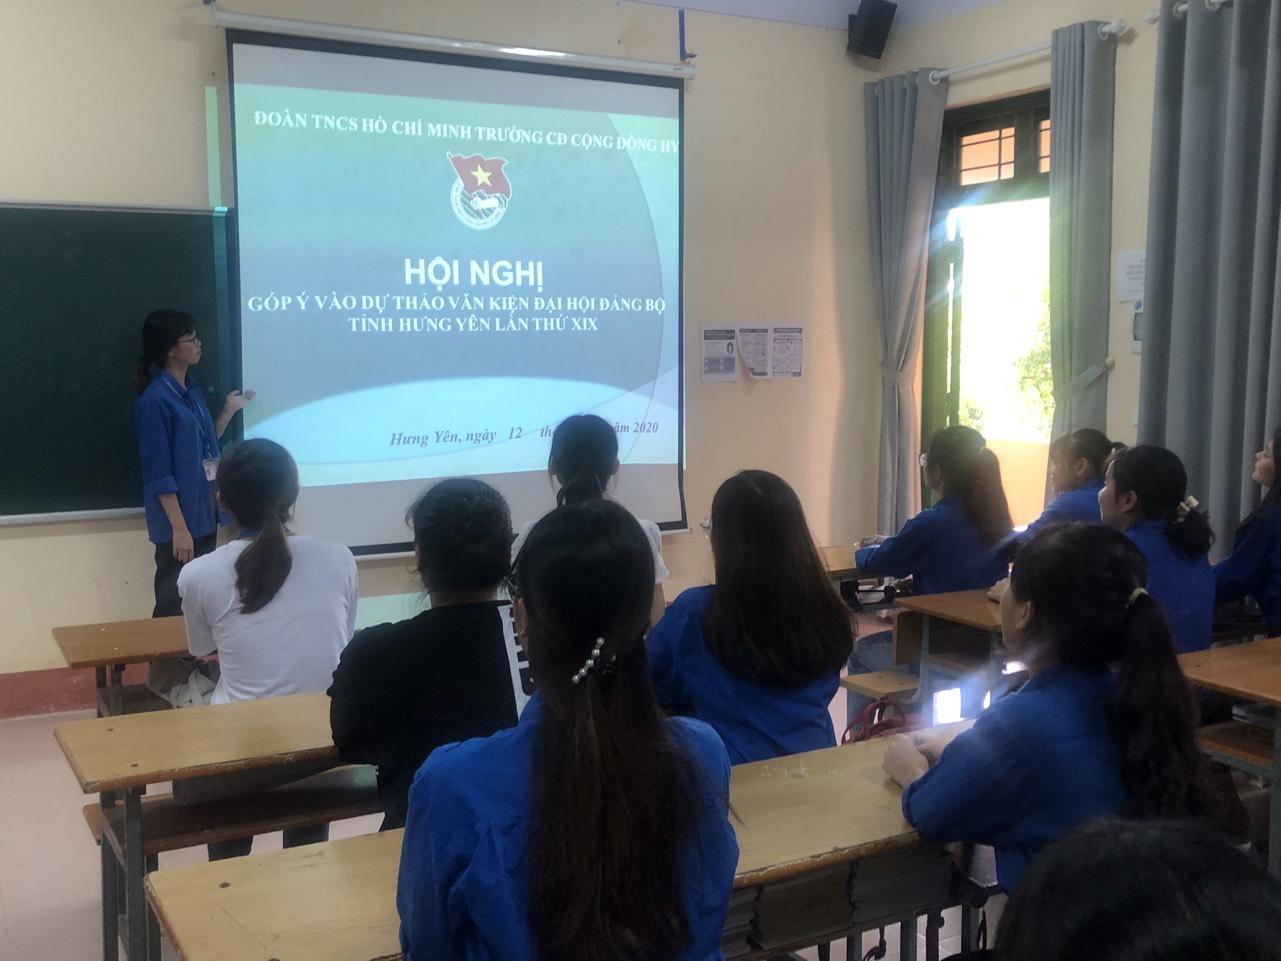 Đoàn trường Cao đẳng Cộng đồng Hưng Yên tổ chức Hội nghị góp ý vào Dự thảo văn kiện Đại hội Đảng